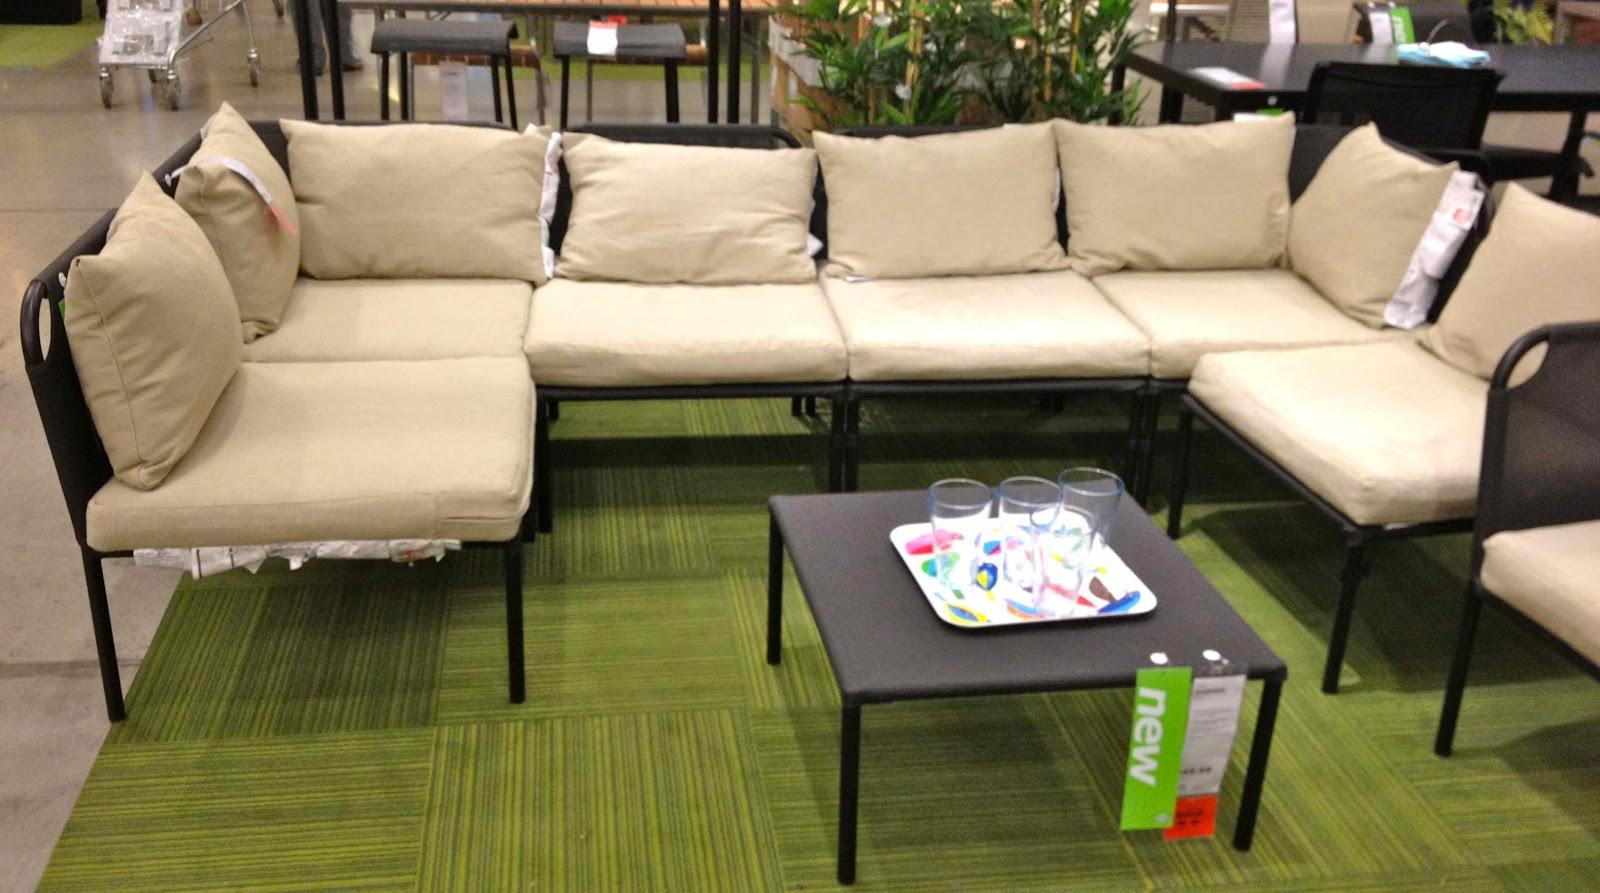 Ikea patio furniture arholma